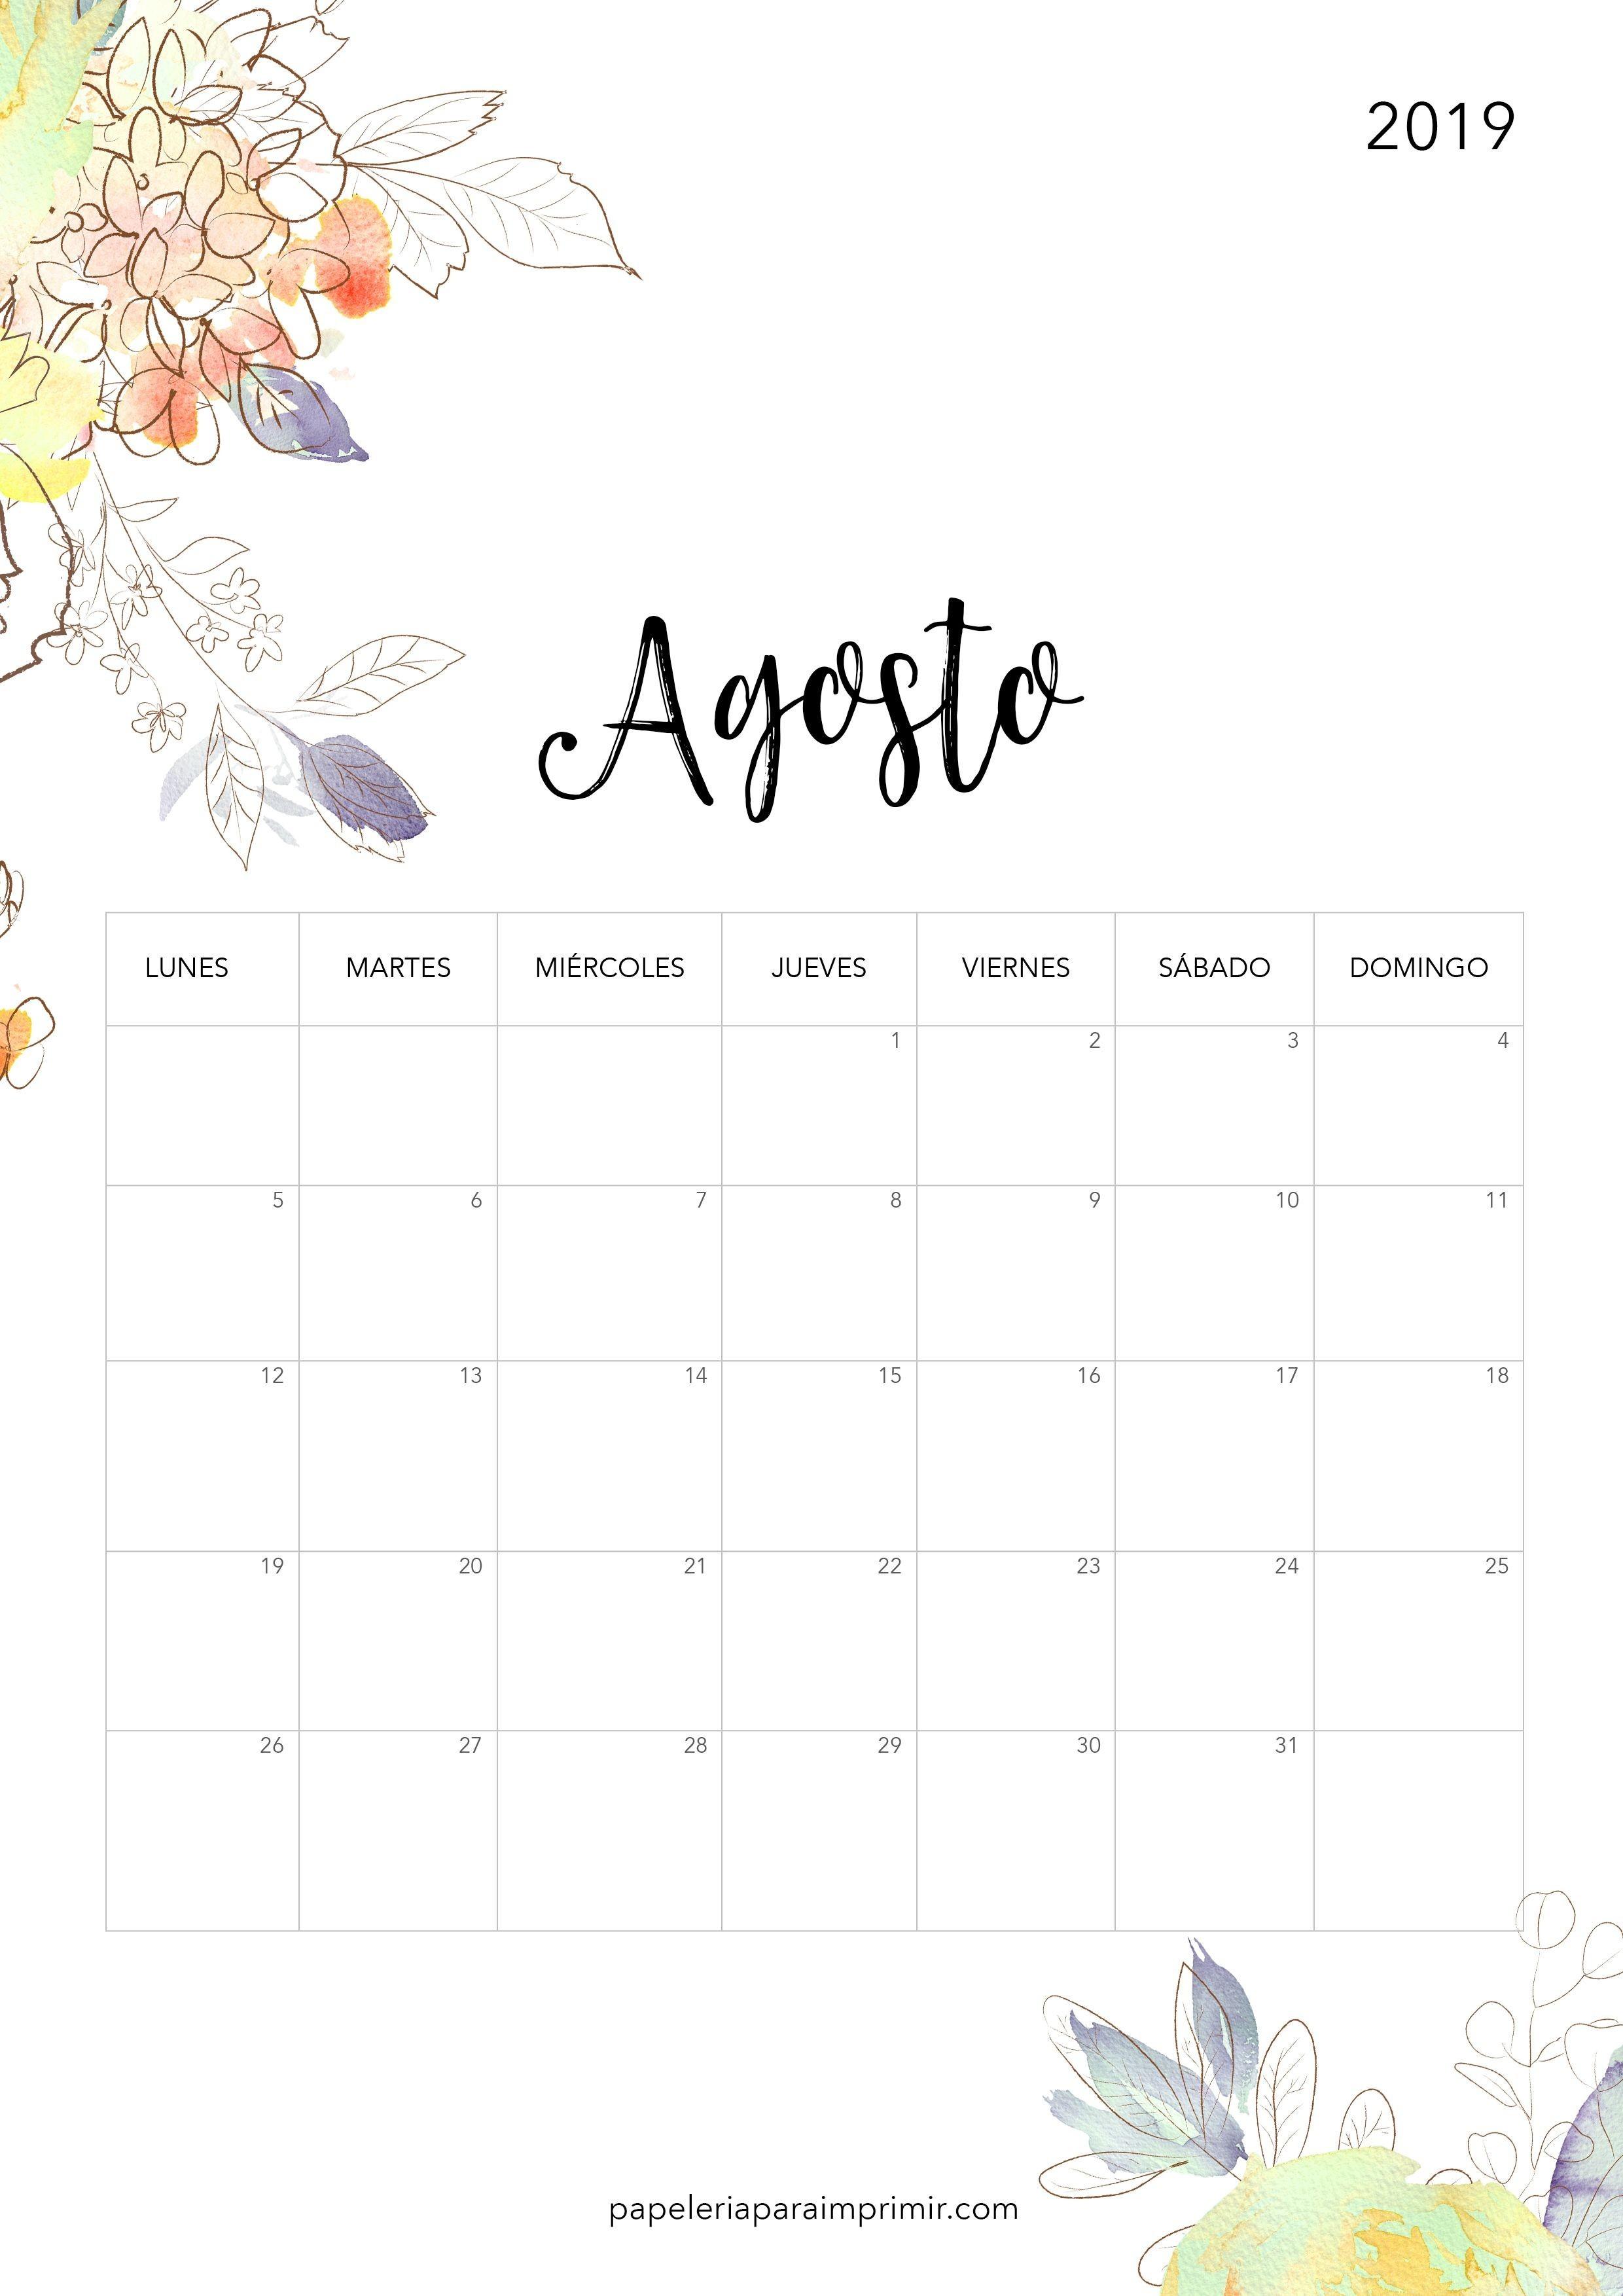 Calendario Septiembre 2019 Para Imprimir Pinterest Recientes Este Es Realmente Imprimir Calendario Septiembre Octubre 2019